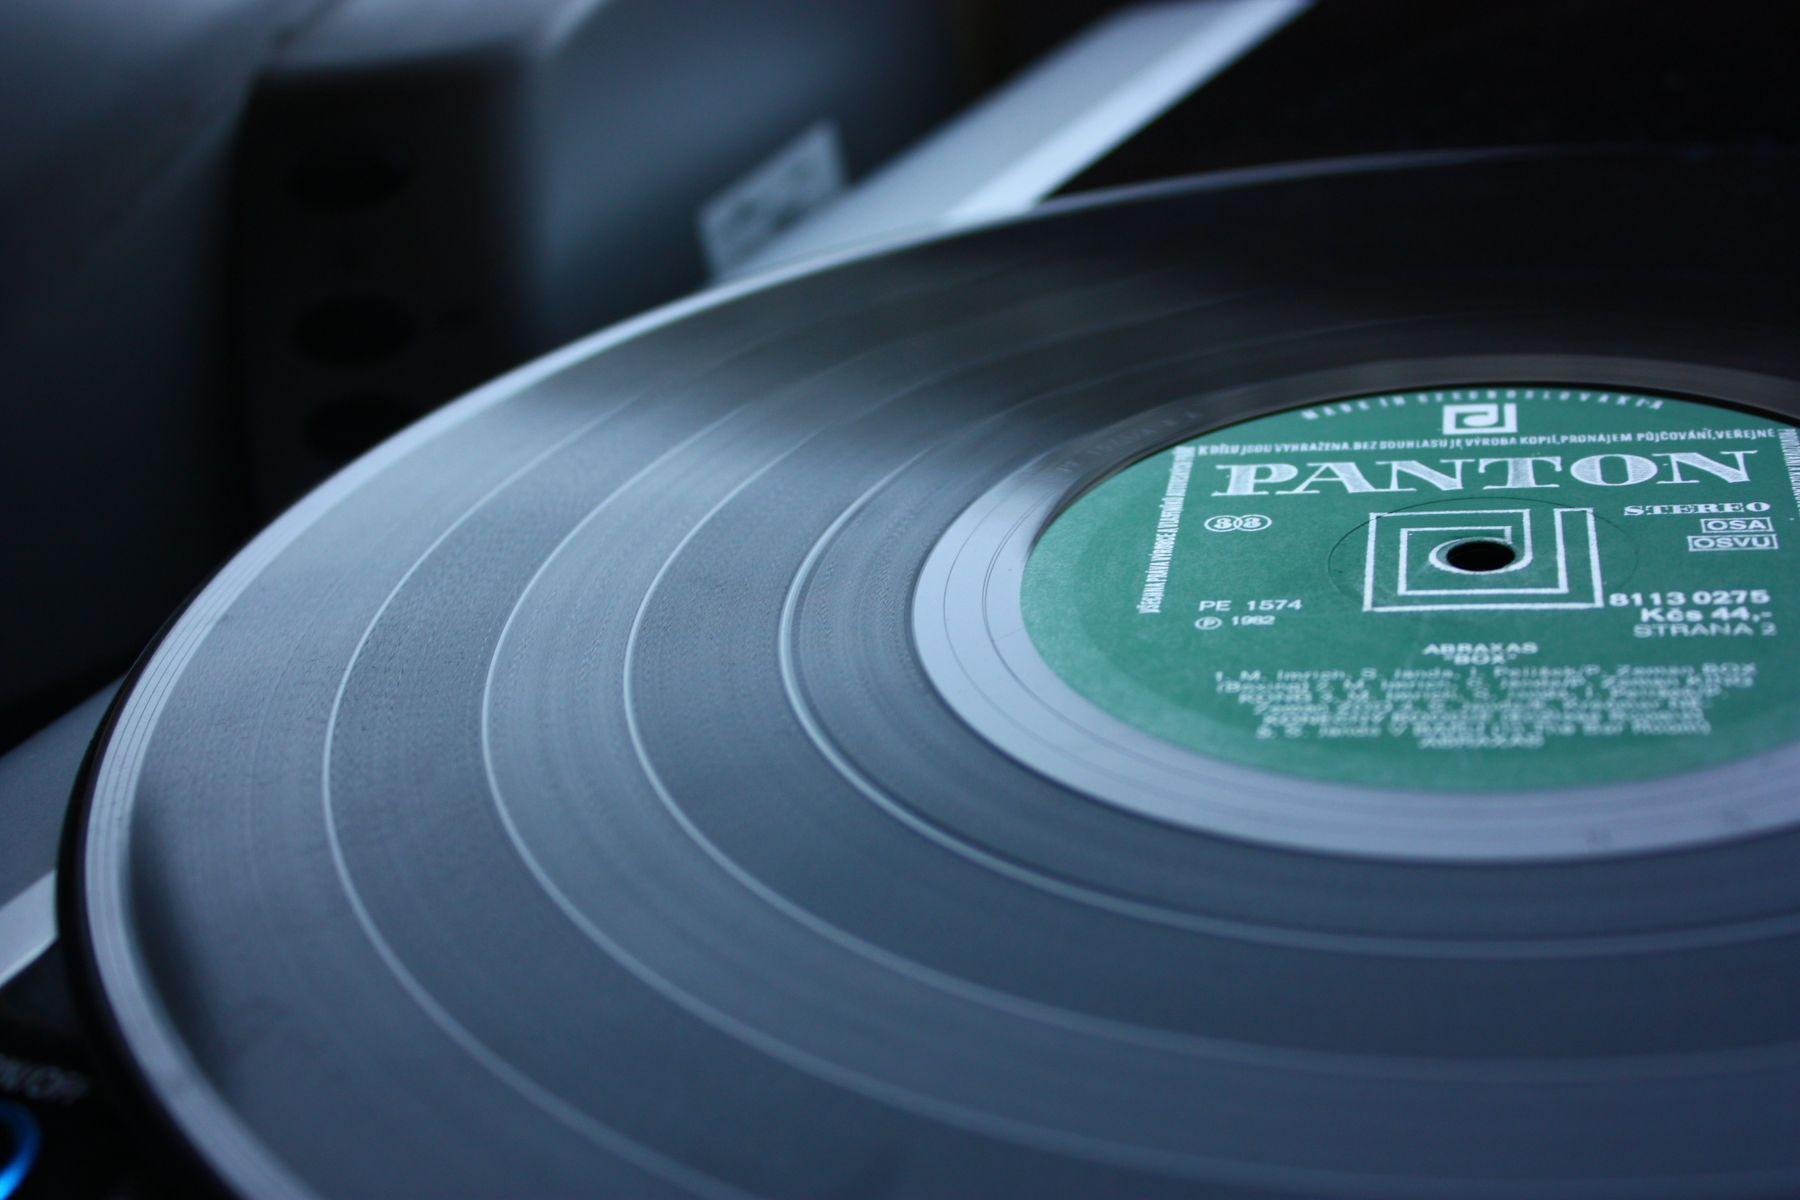 troc de troc recherche disques vinyl rock / rythm'blues / trip hop / techno image 2